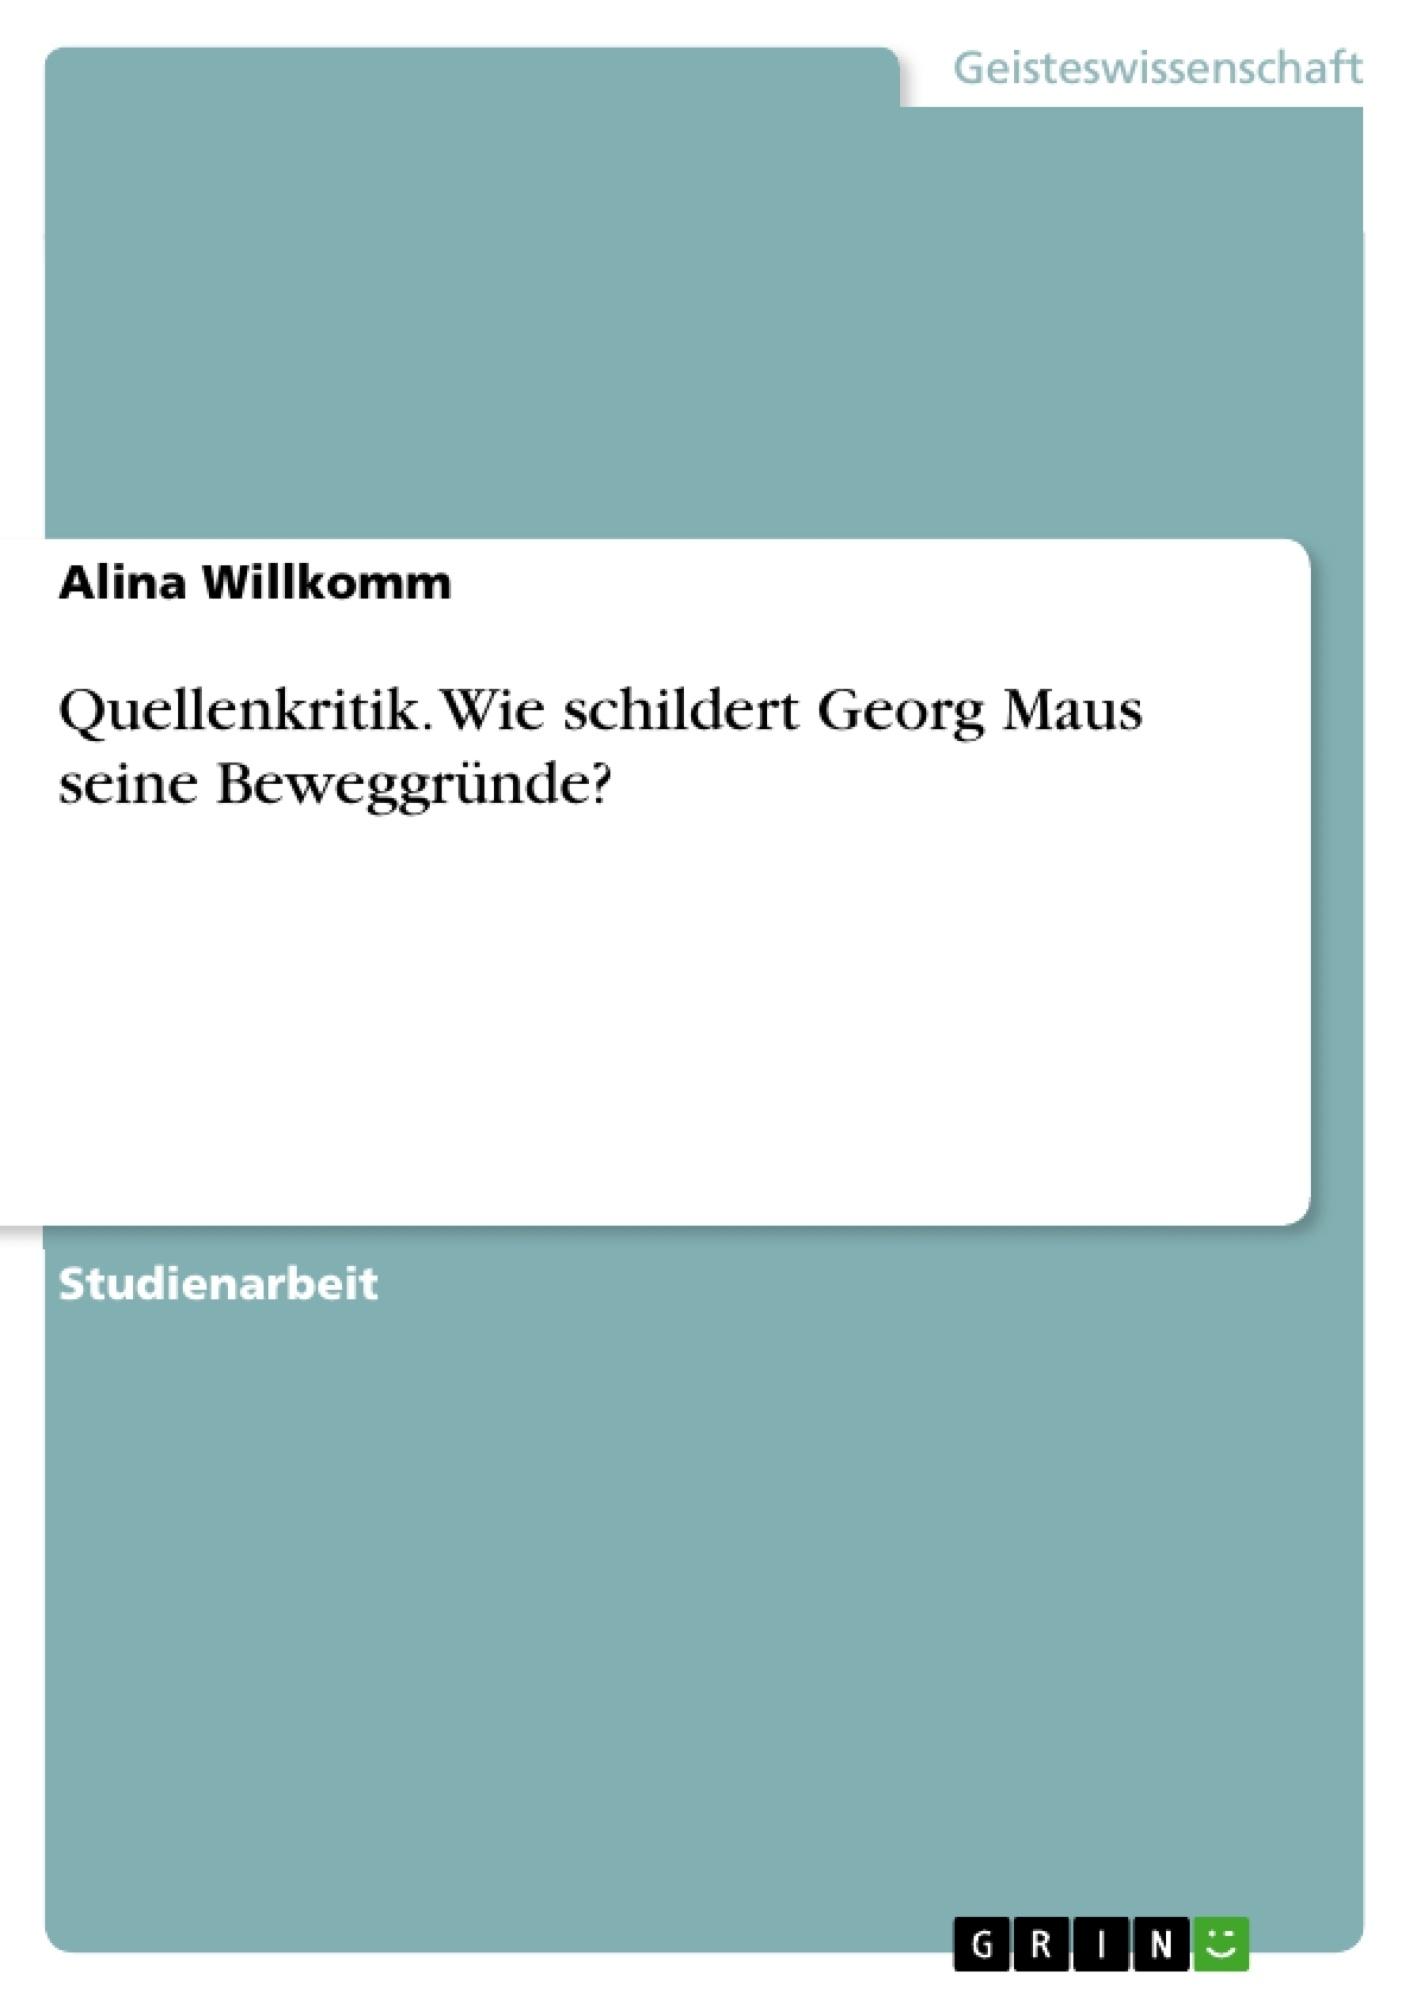 Titel: Quellenkritik. Wie schildert Georg Maus seine Beweggründe?